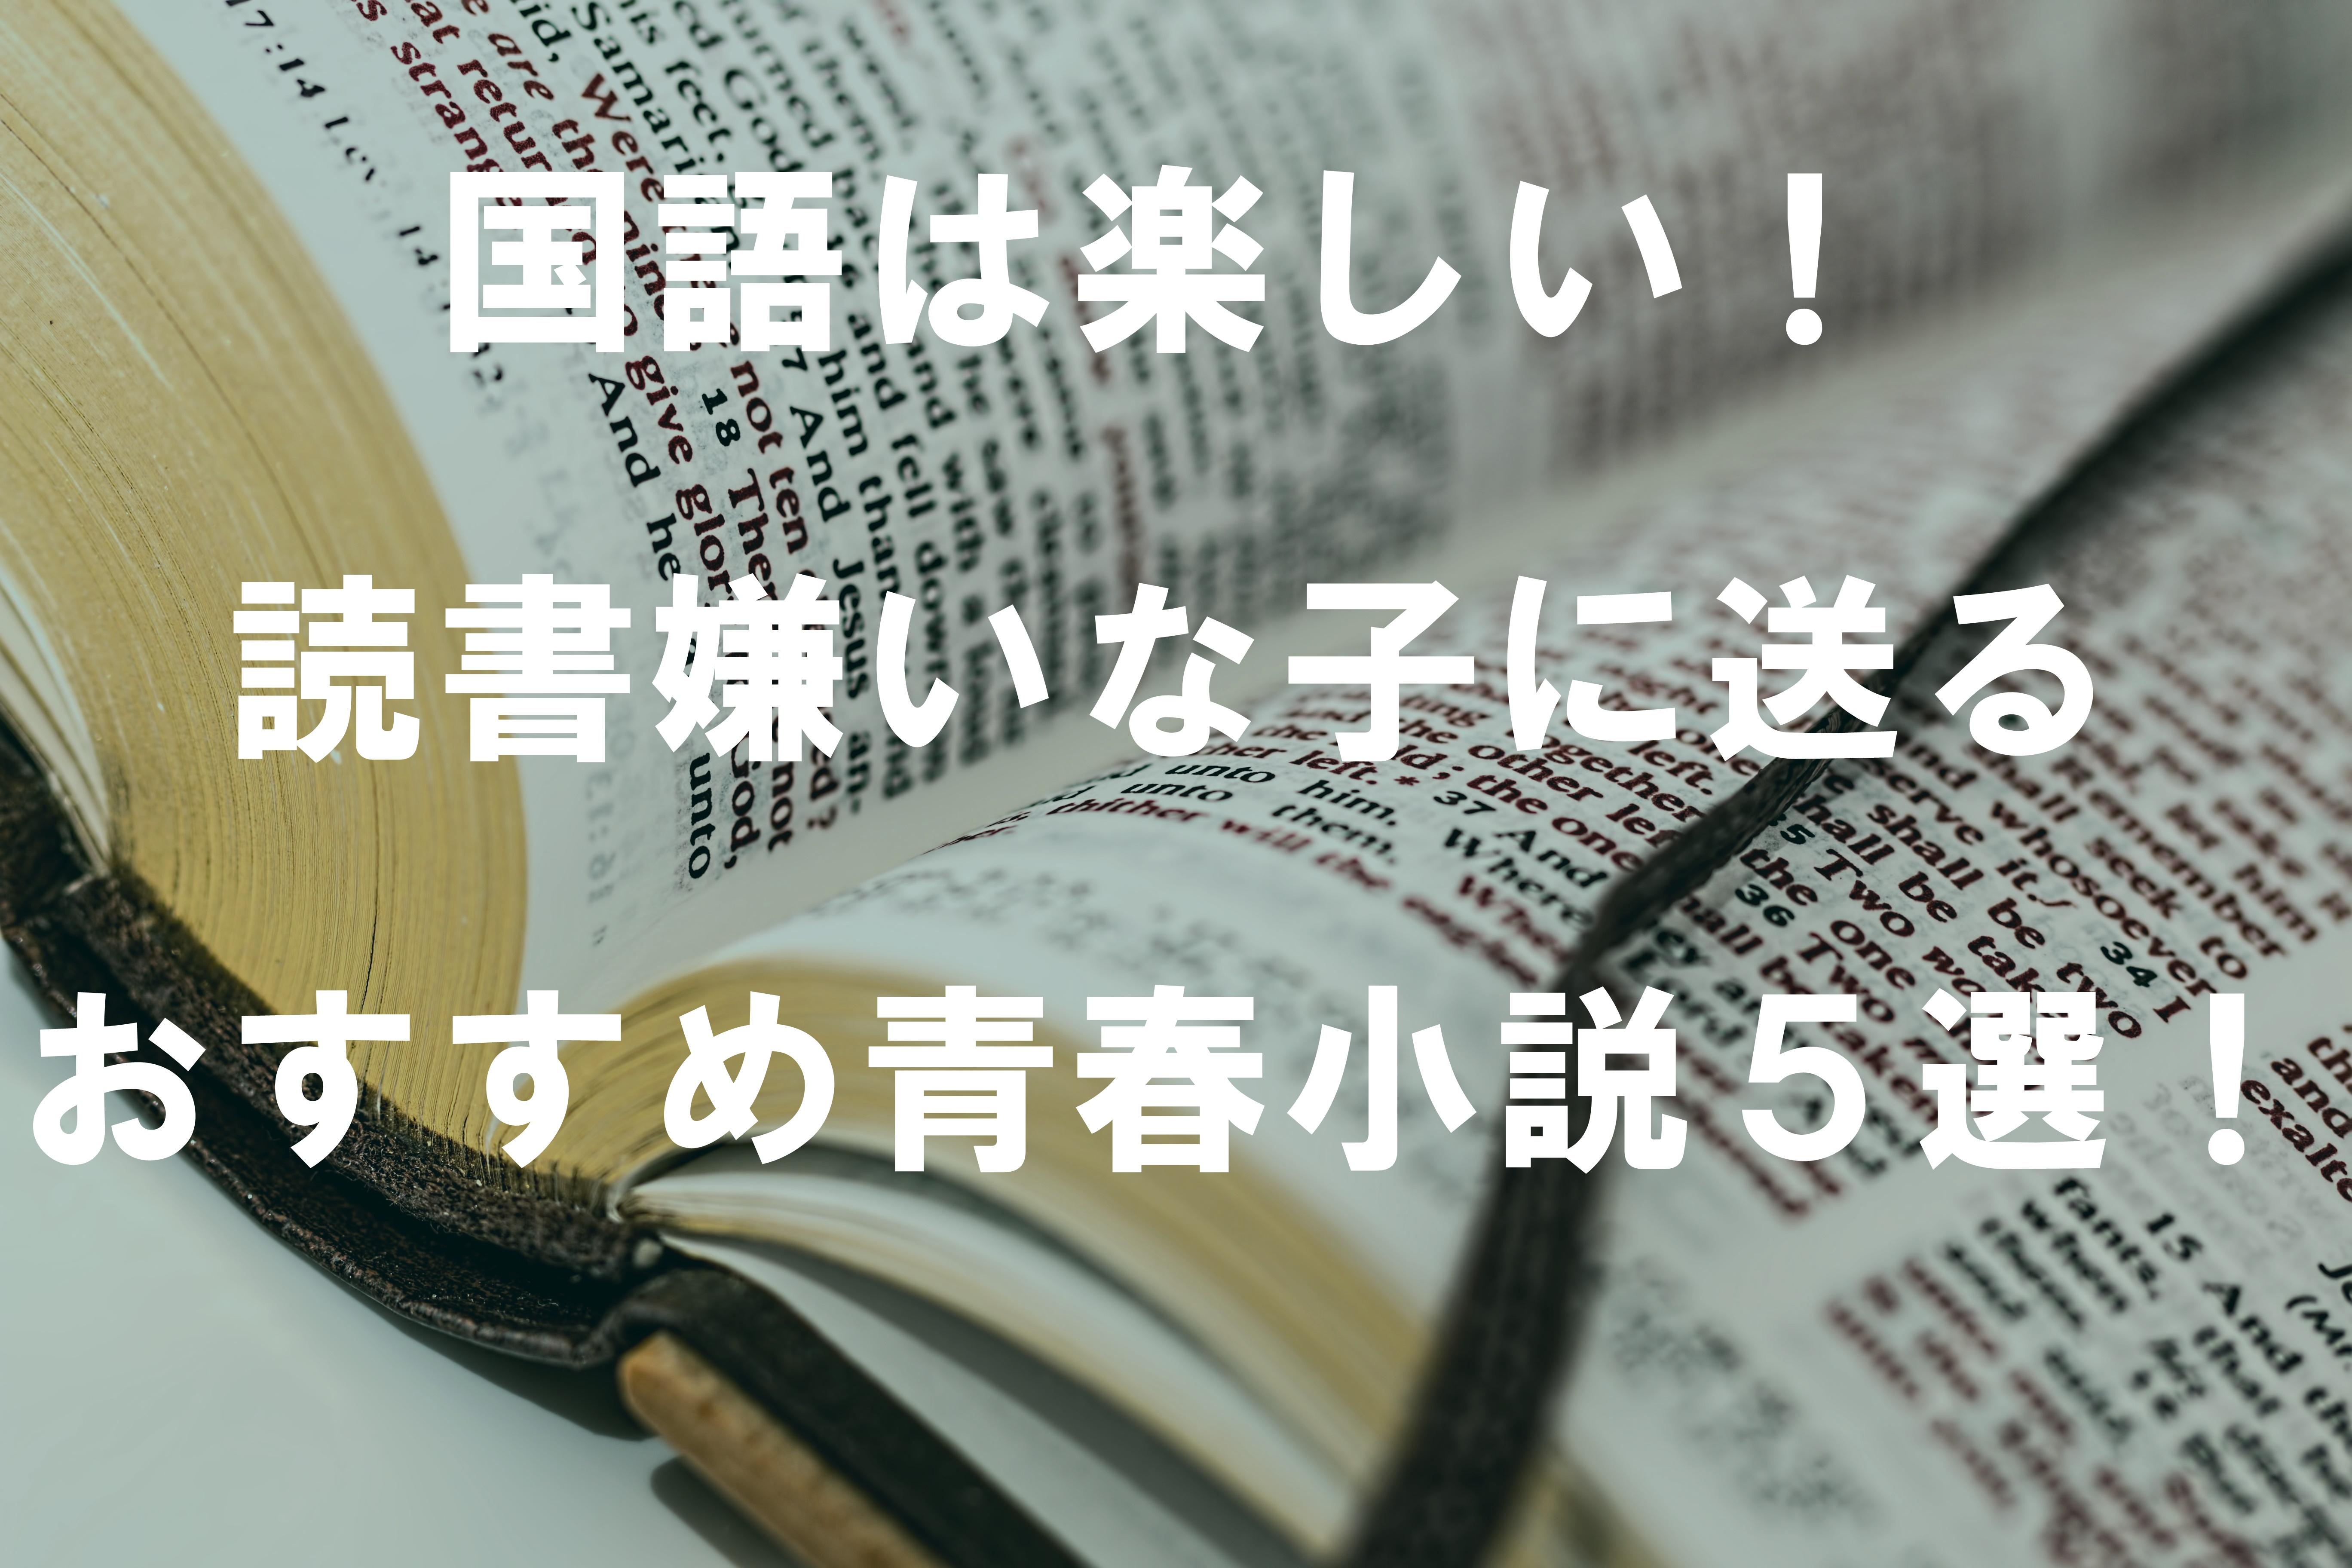 国語は楽しい!読書嫌いな子に送るおすすめ青春小説5選!